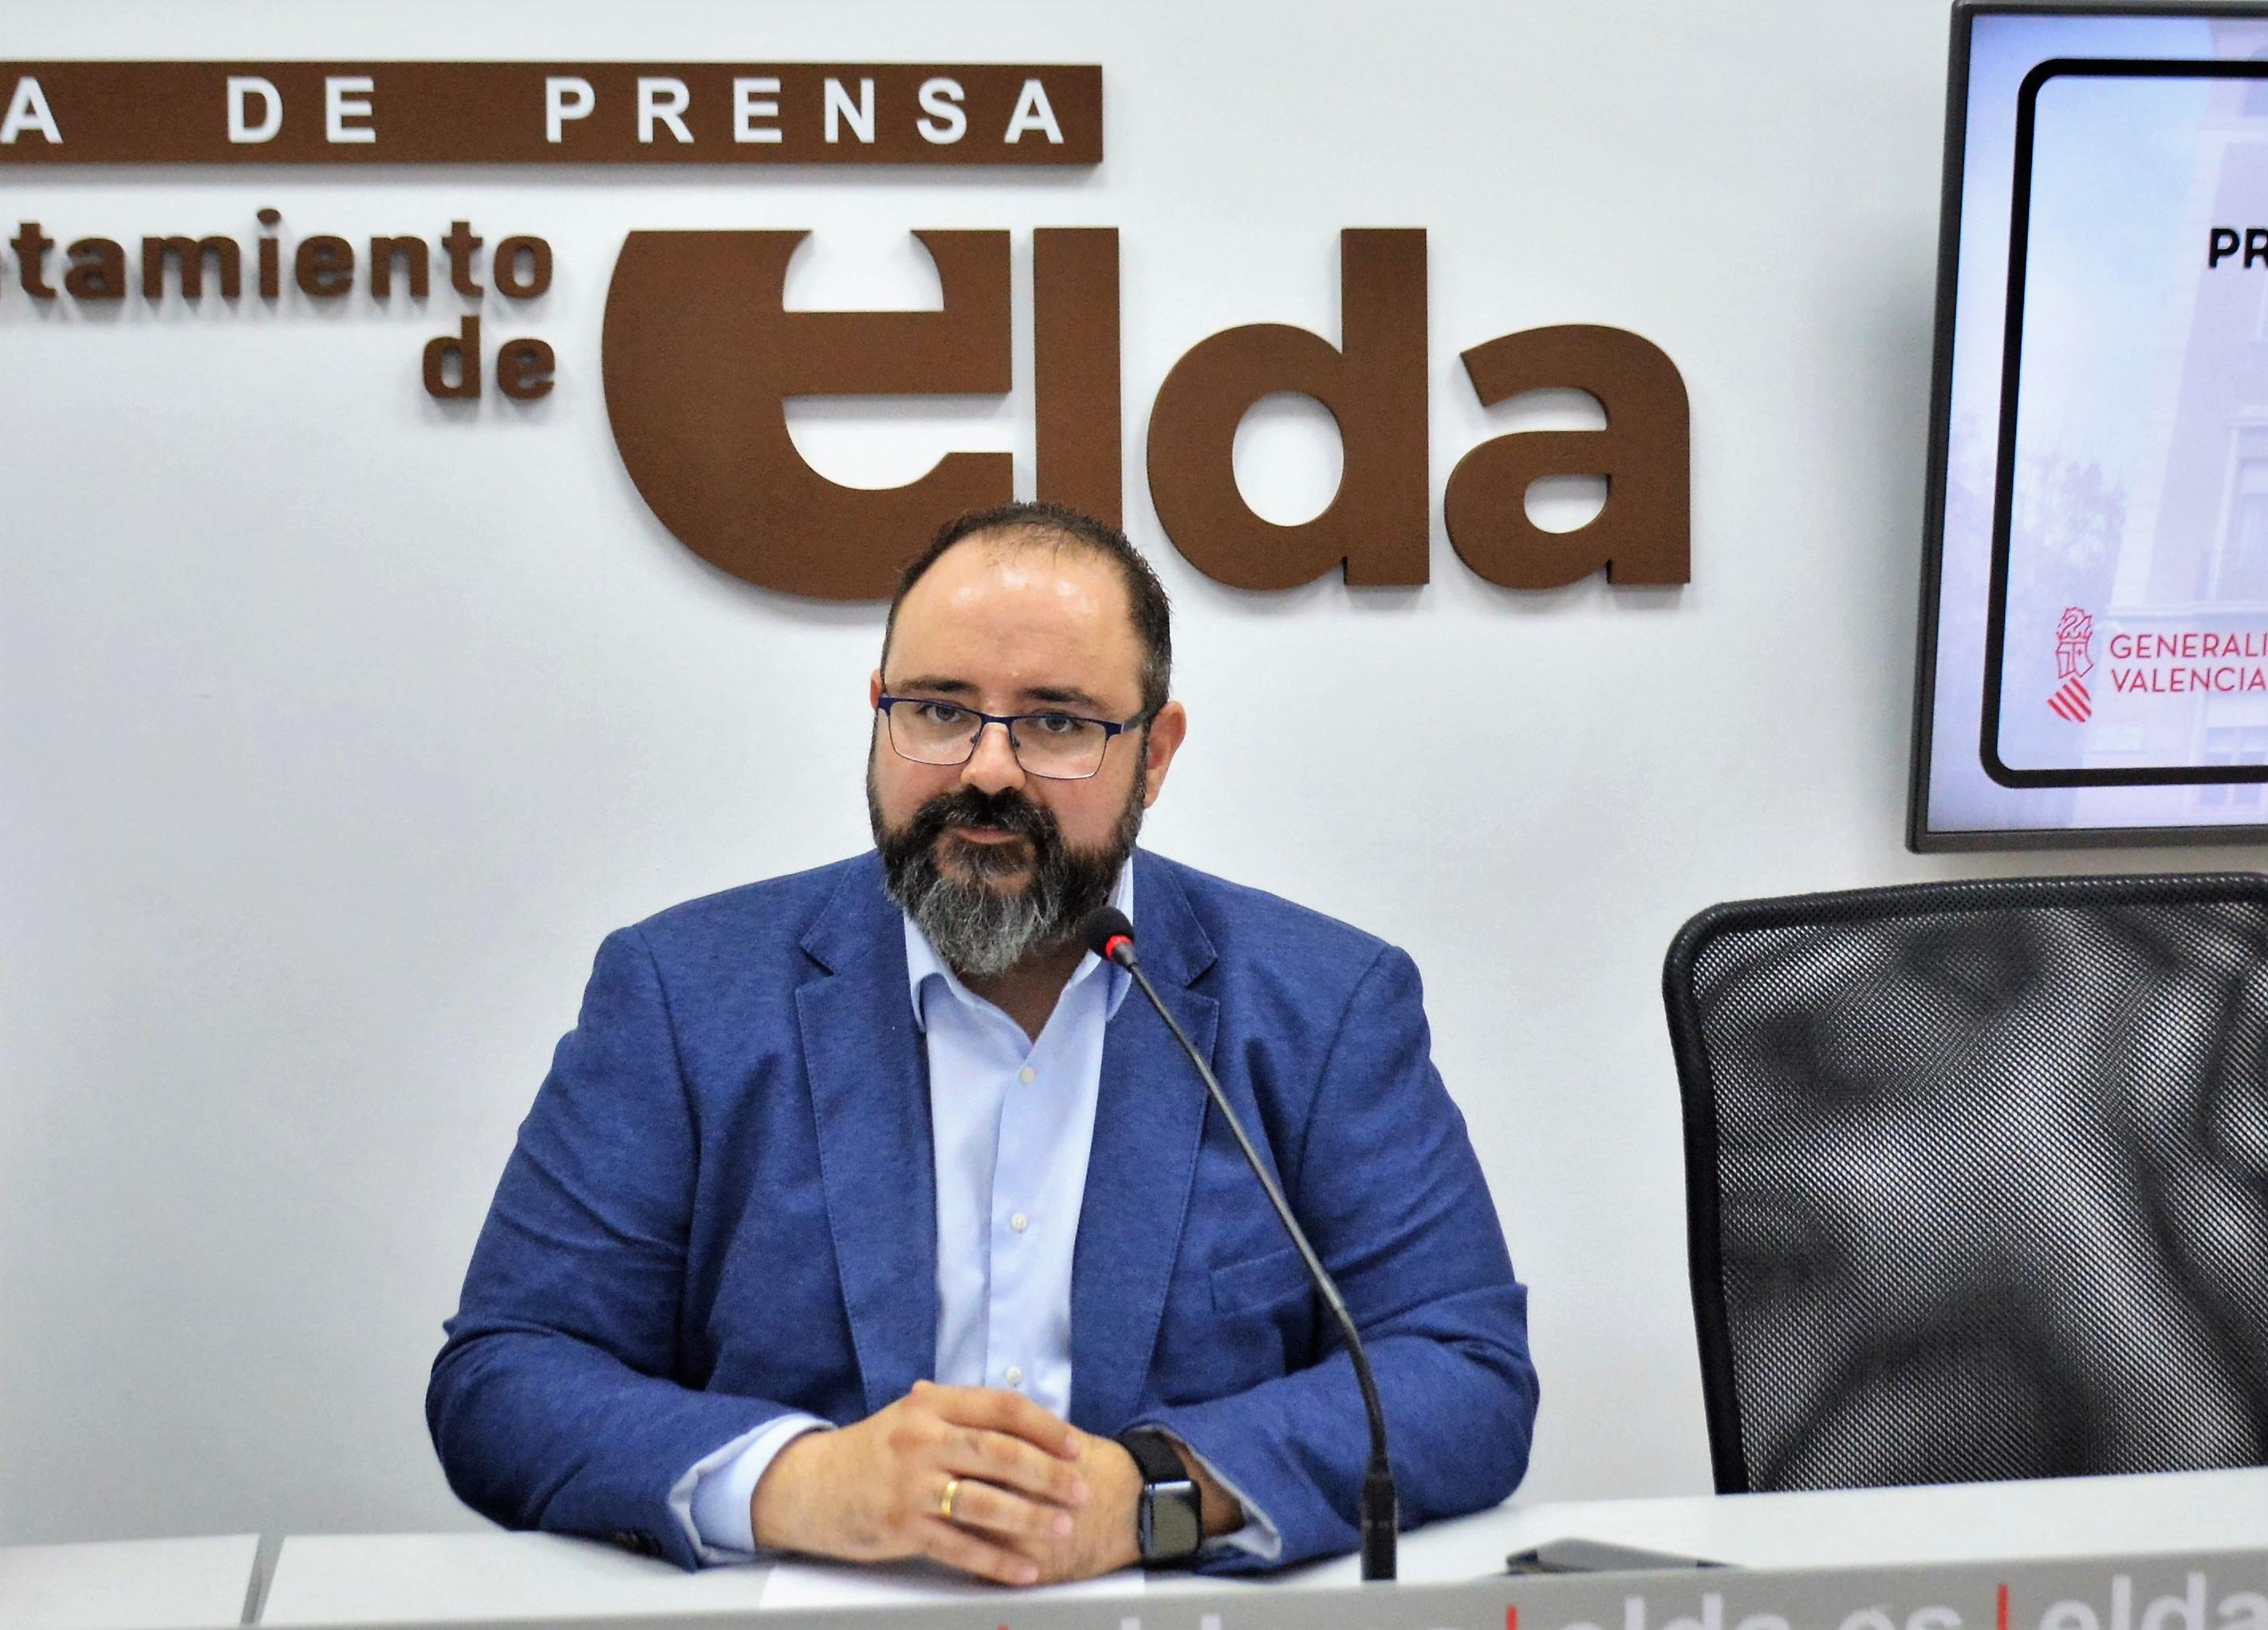 El Ayuntamiento de Elda solicita una ayuda a la UE para la instalación de puntos wifi libres y gratuitos en espacios públicos